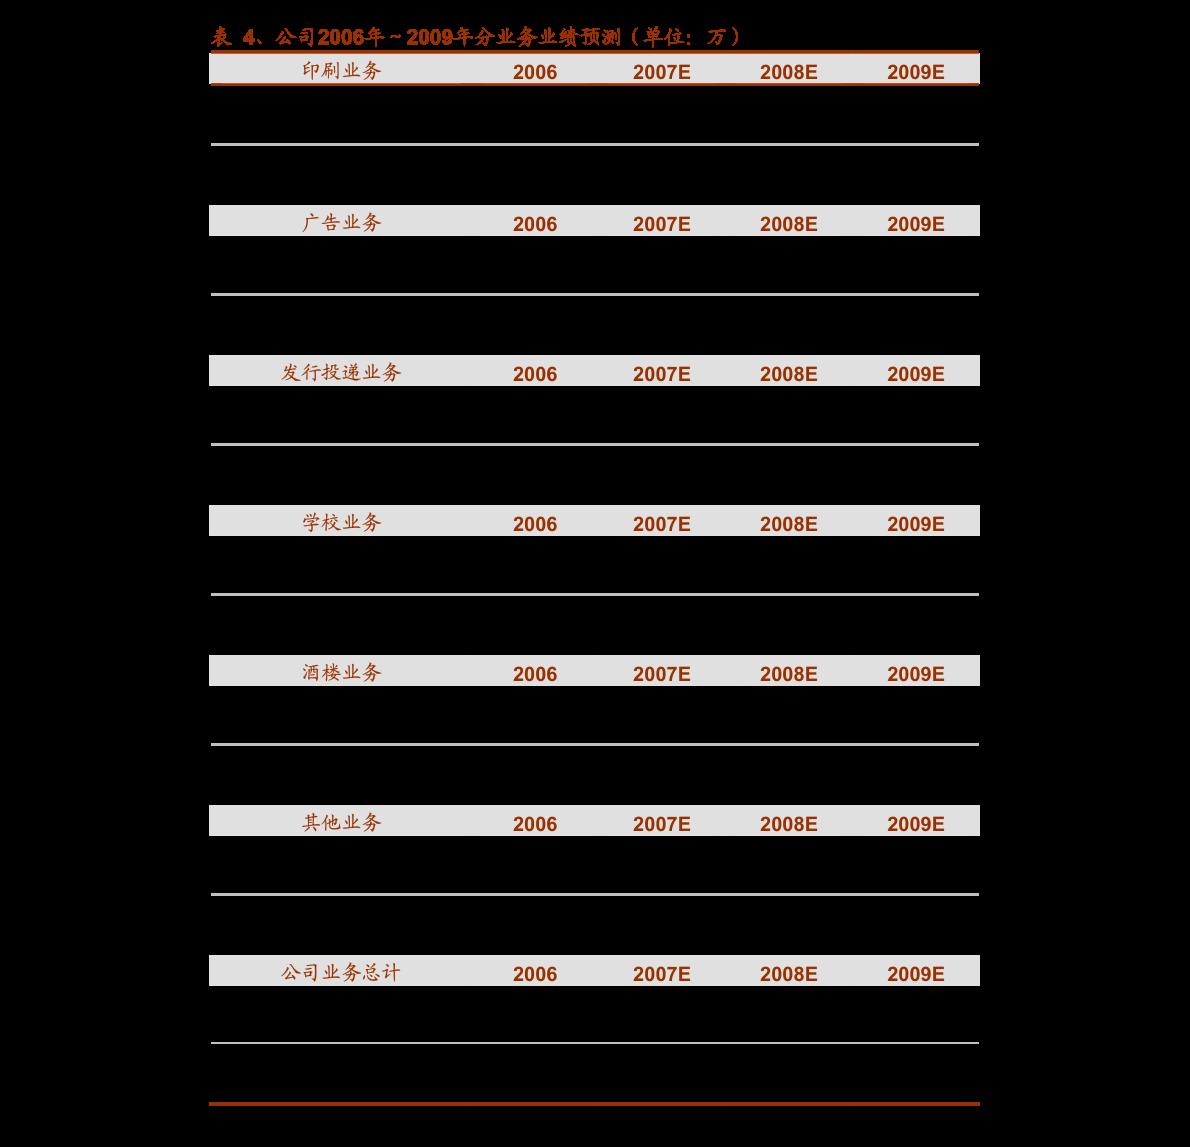 国泰君安-中钢国际-000928- 2020年三季报点评:前三季度业绩增长负4.5%,拟发行可转债保障项目推进-201118